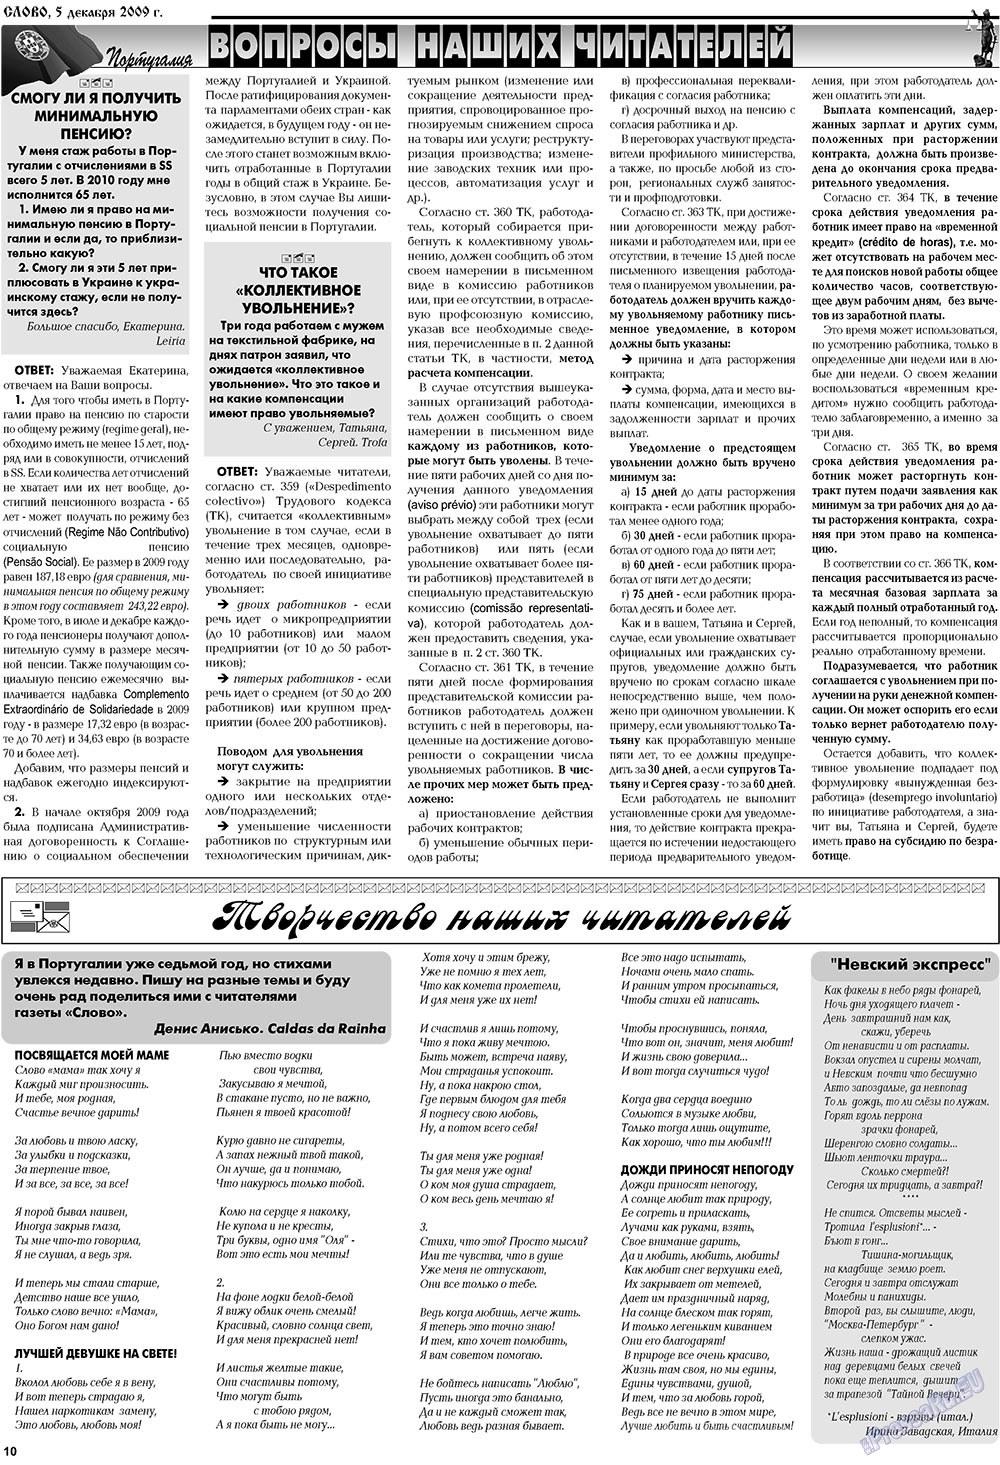 Слово (газета). 2009 год, номер 49, стр. 10